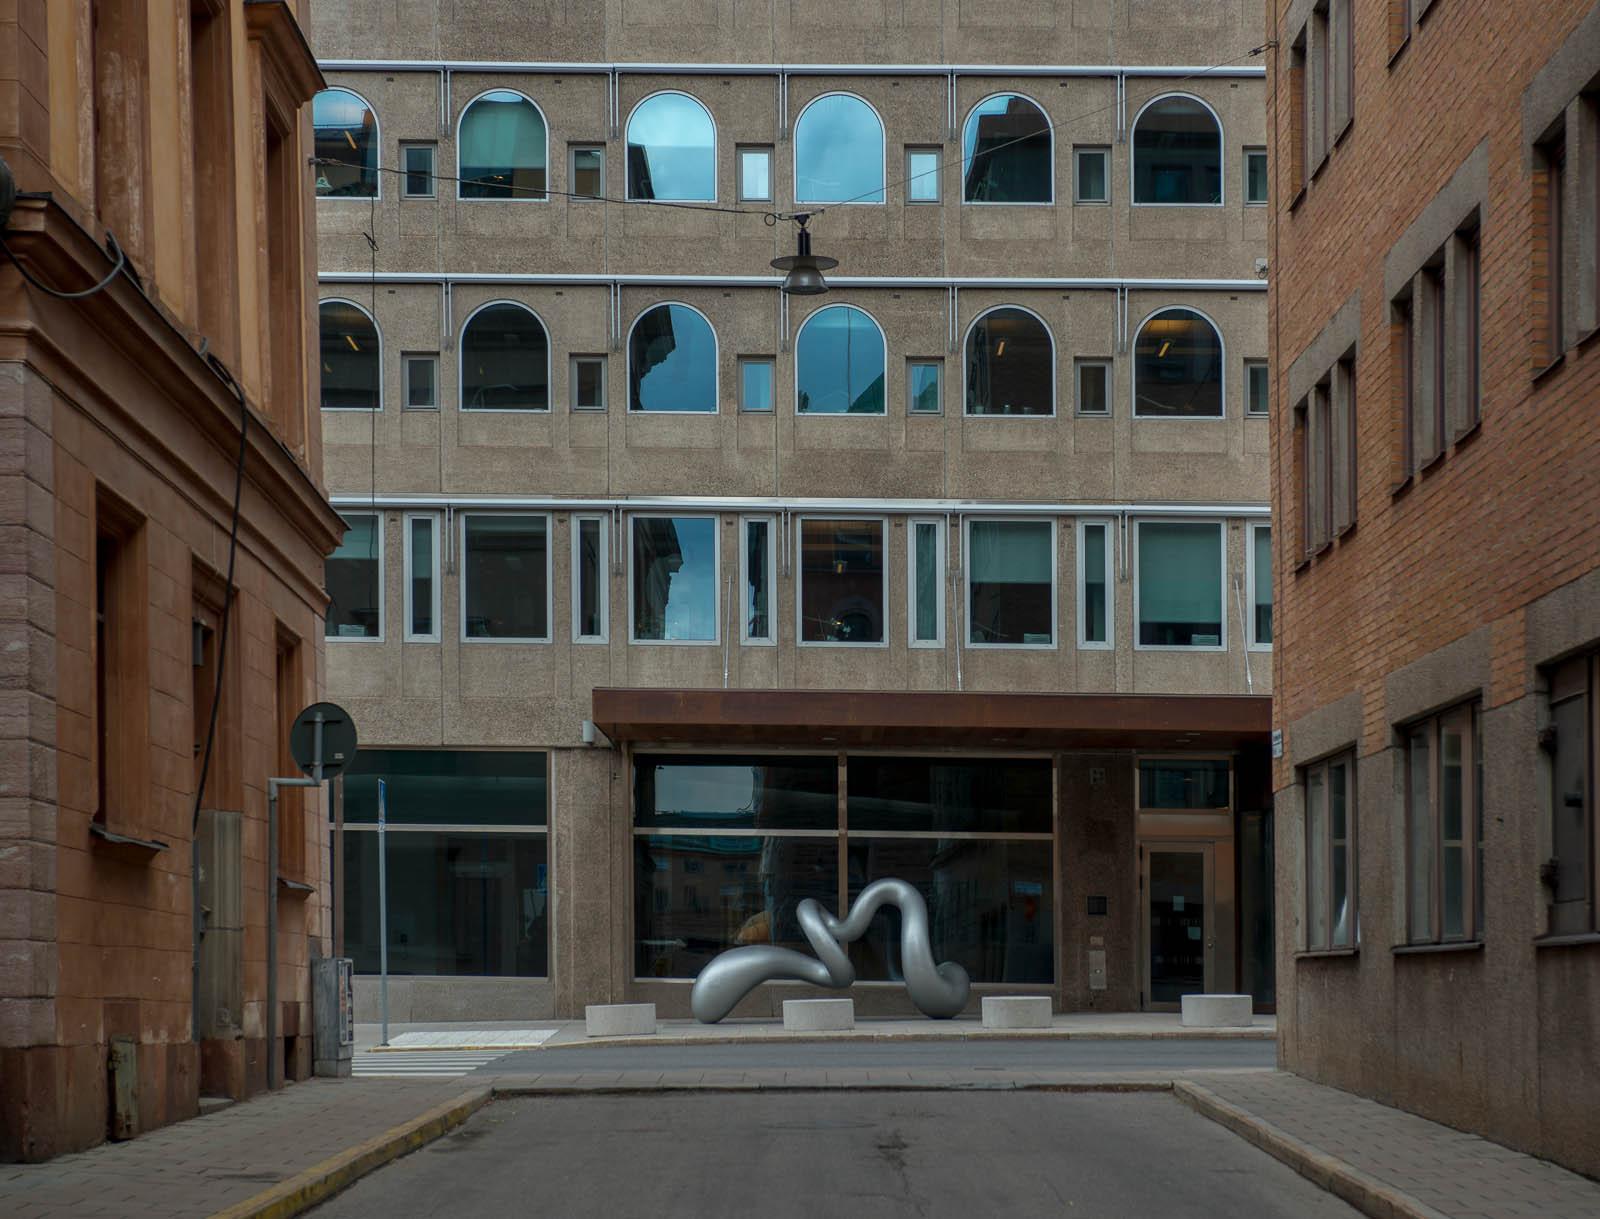 Skulptur i aluminium, med skruvad form, på Jakobsgatan i Stockholm. Eva Hild, Binär, 2013